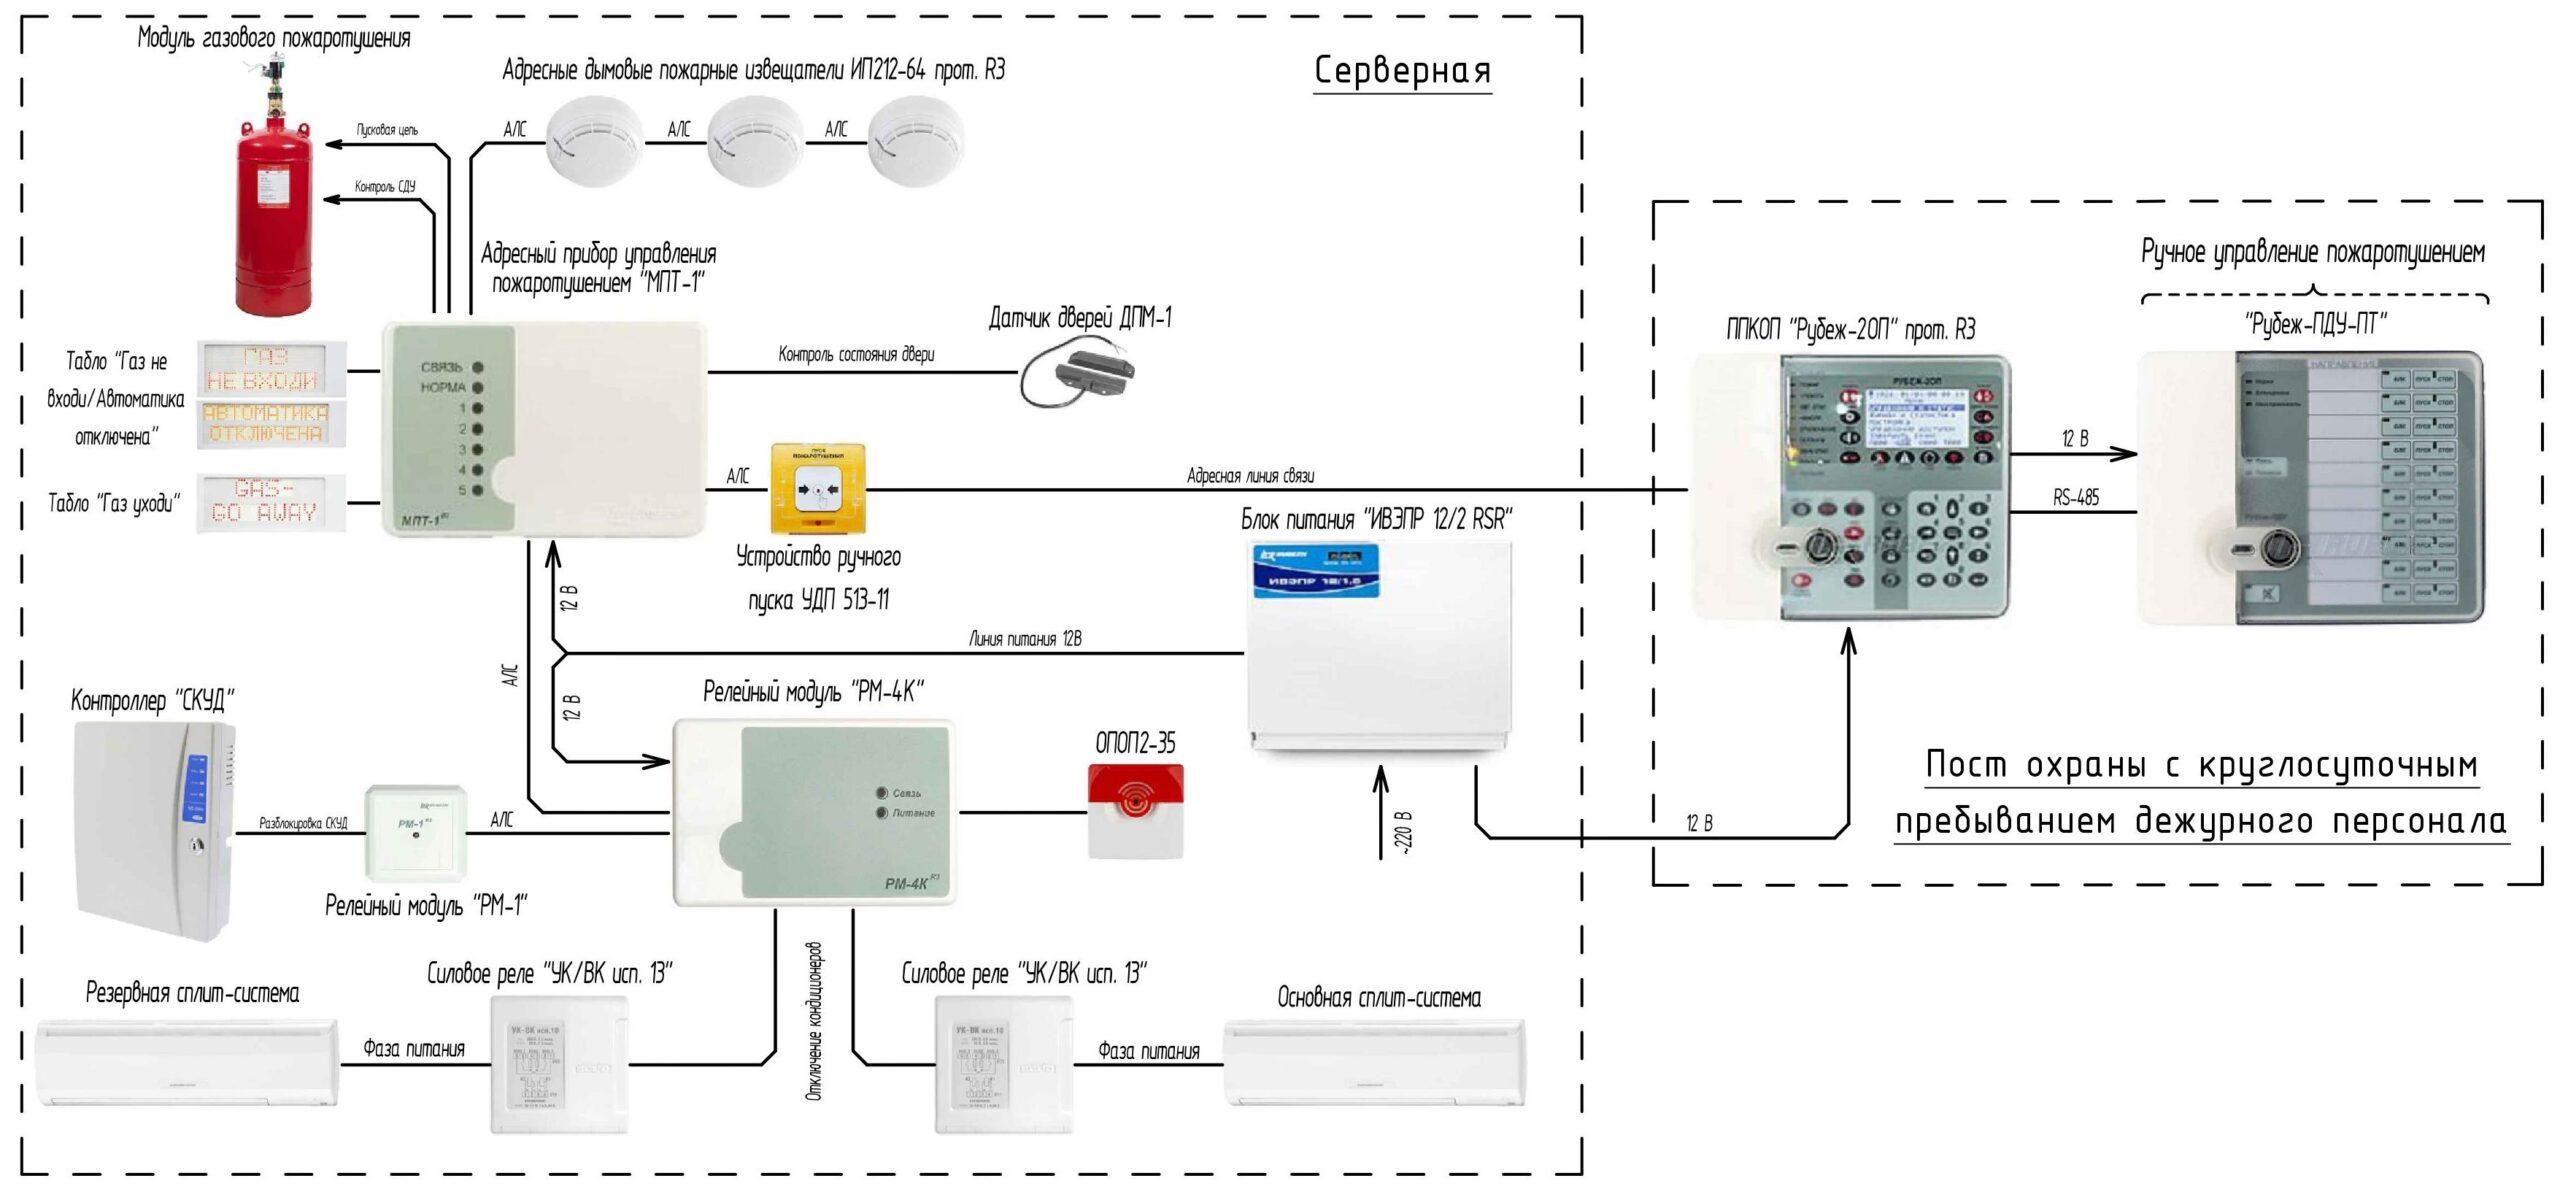 Так выглядит примерная схема для системы газового пожаротушения.